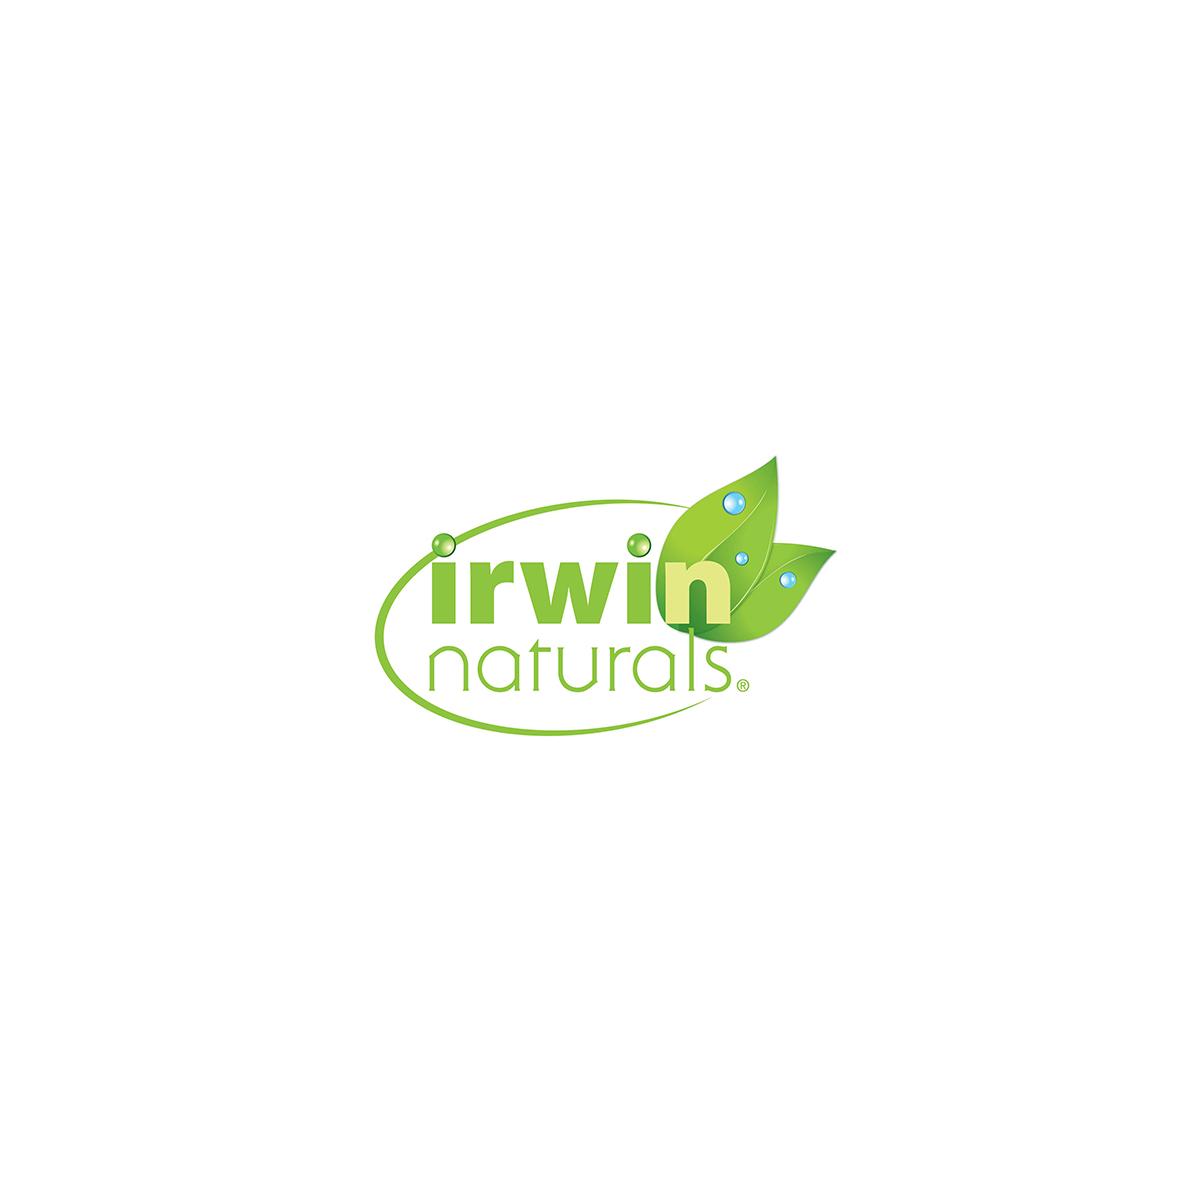 Irwin Naturals